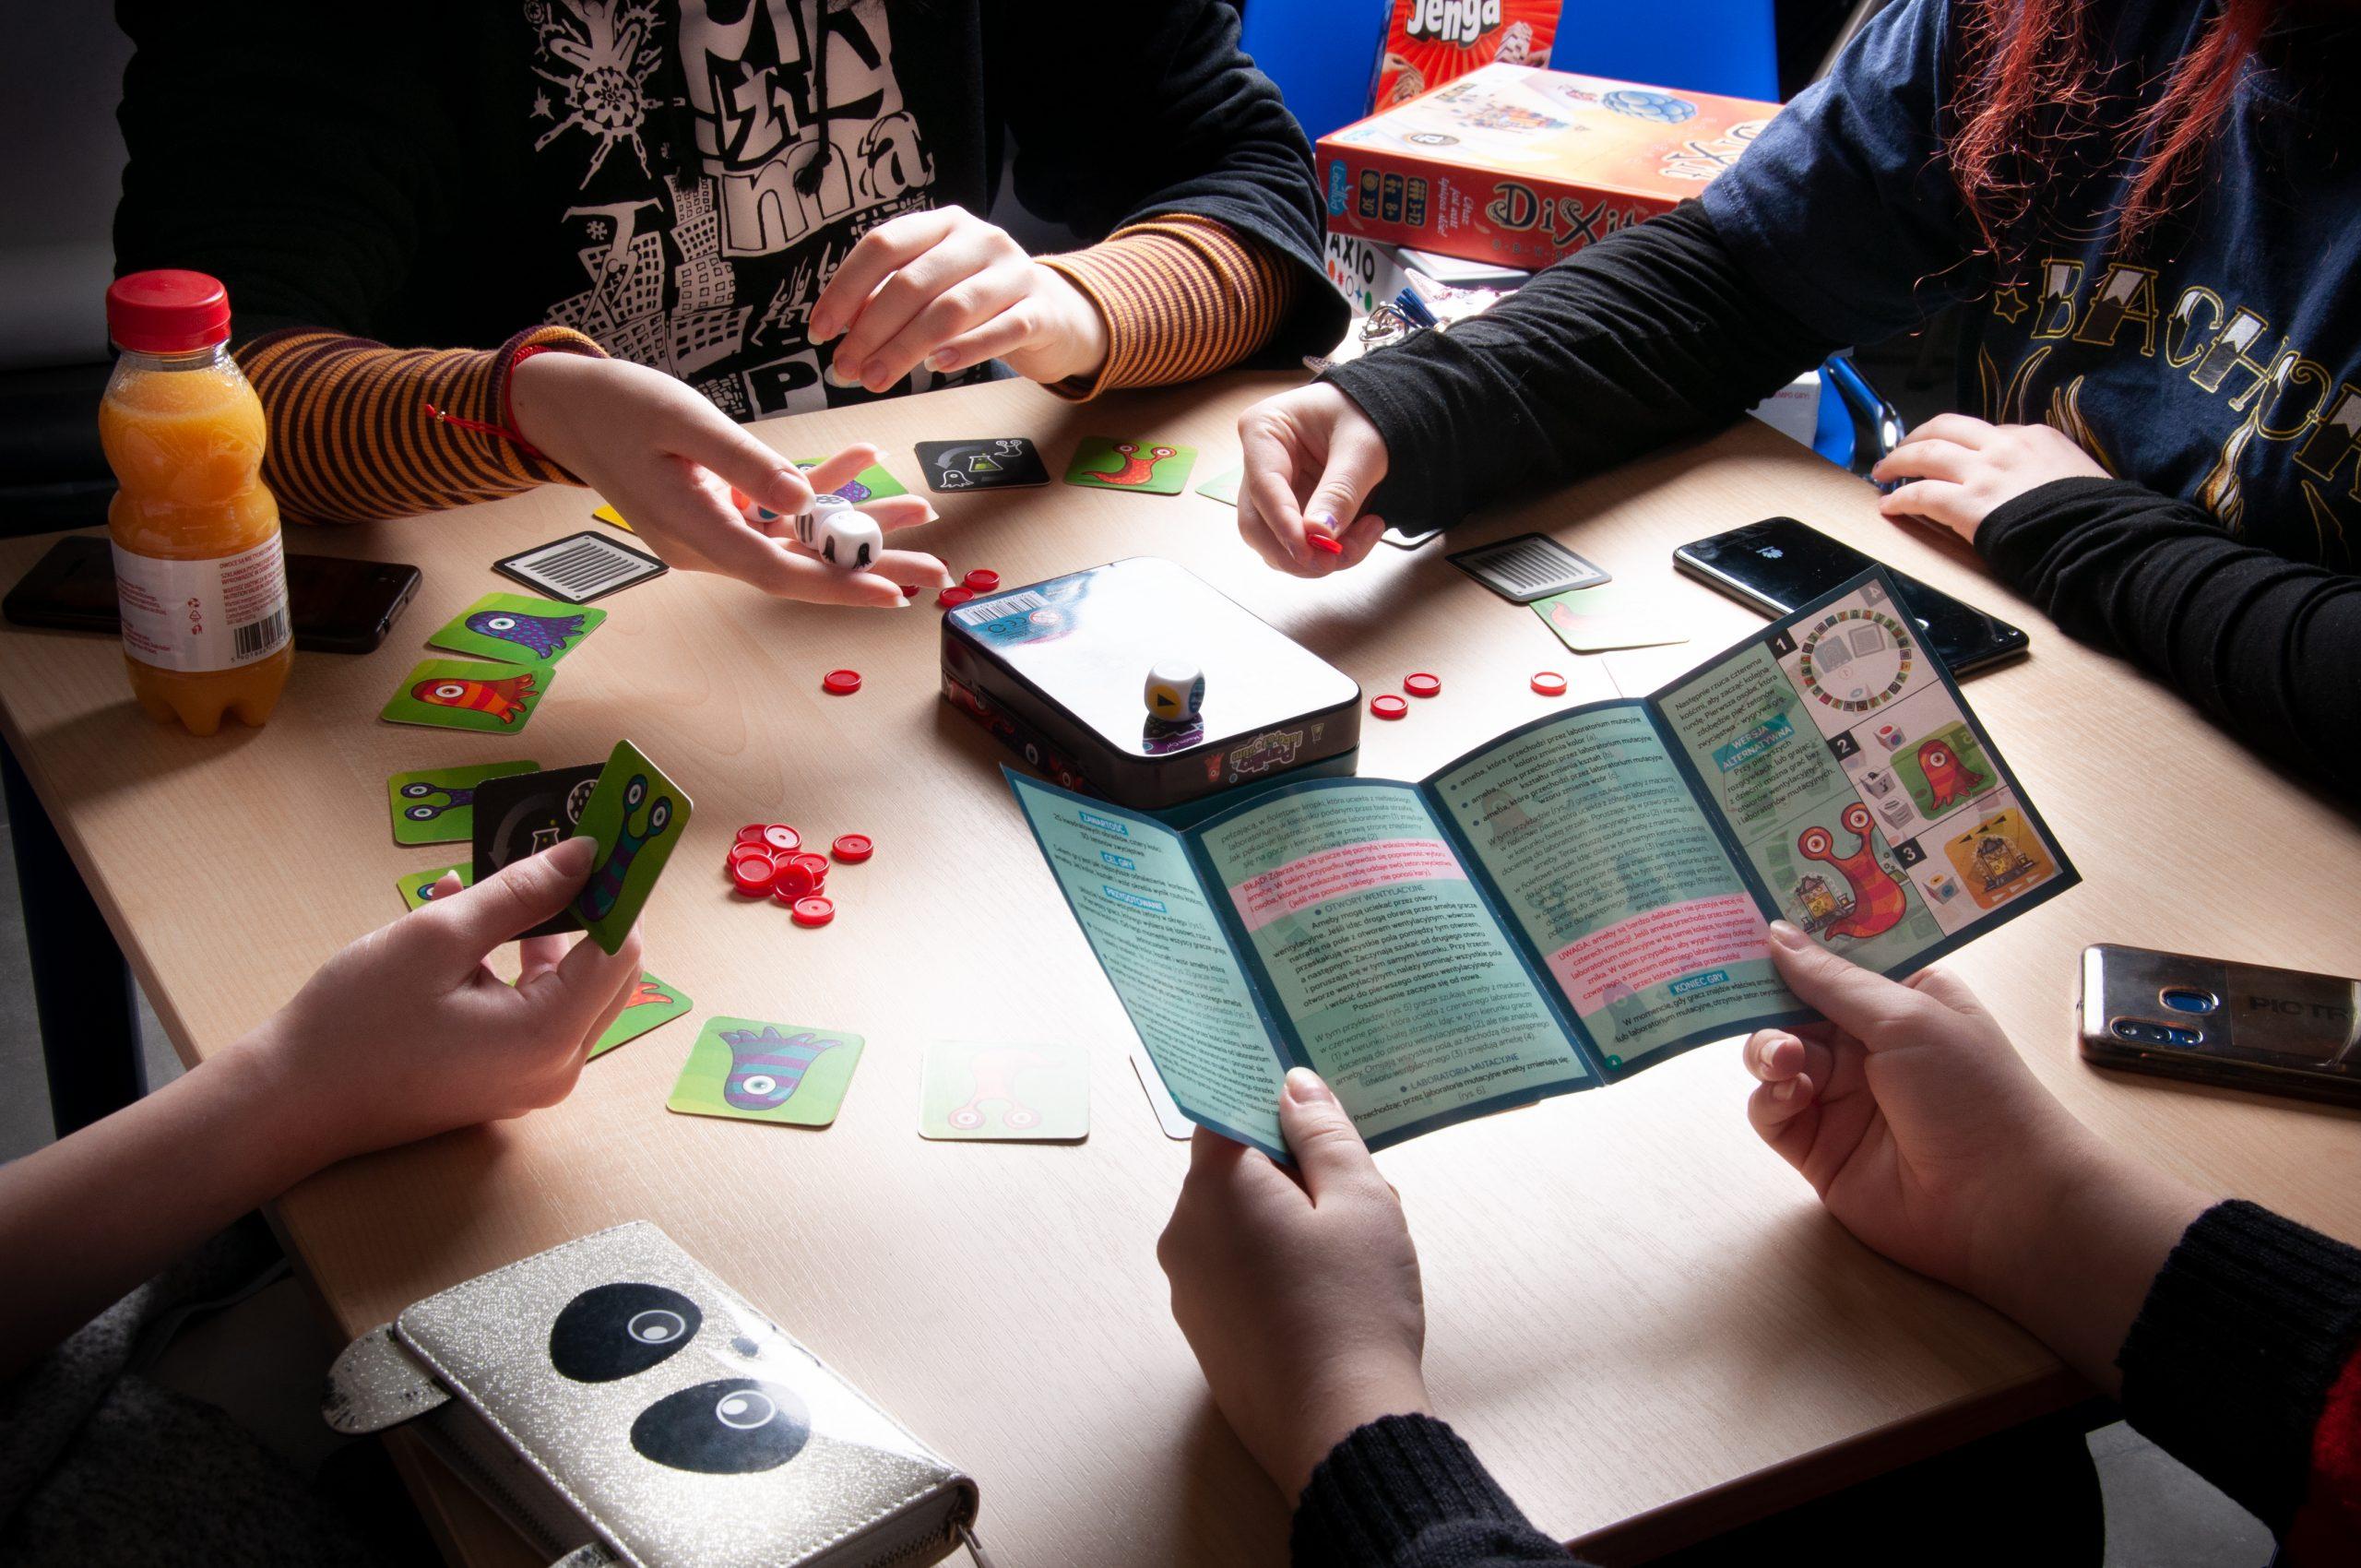 cztery osoby grają w grę planszową, na stoliku karty do gry